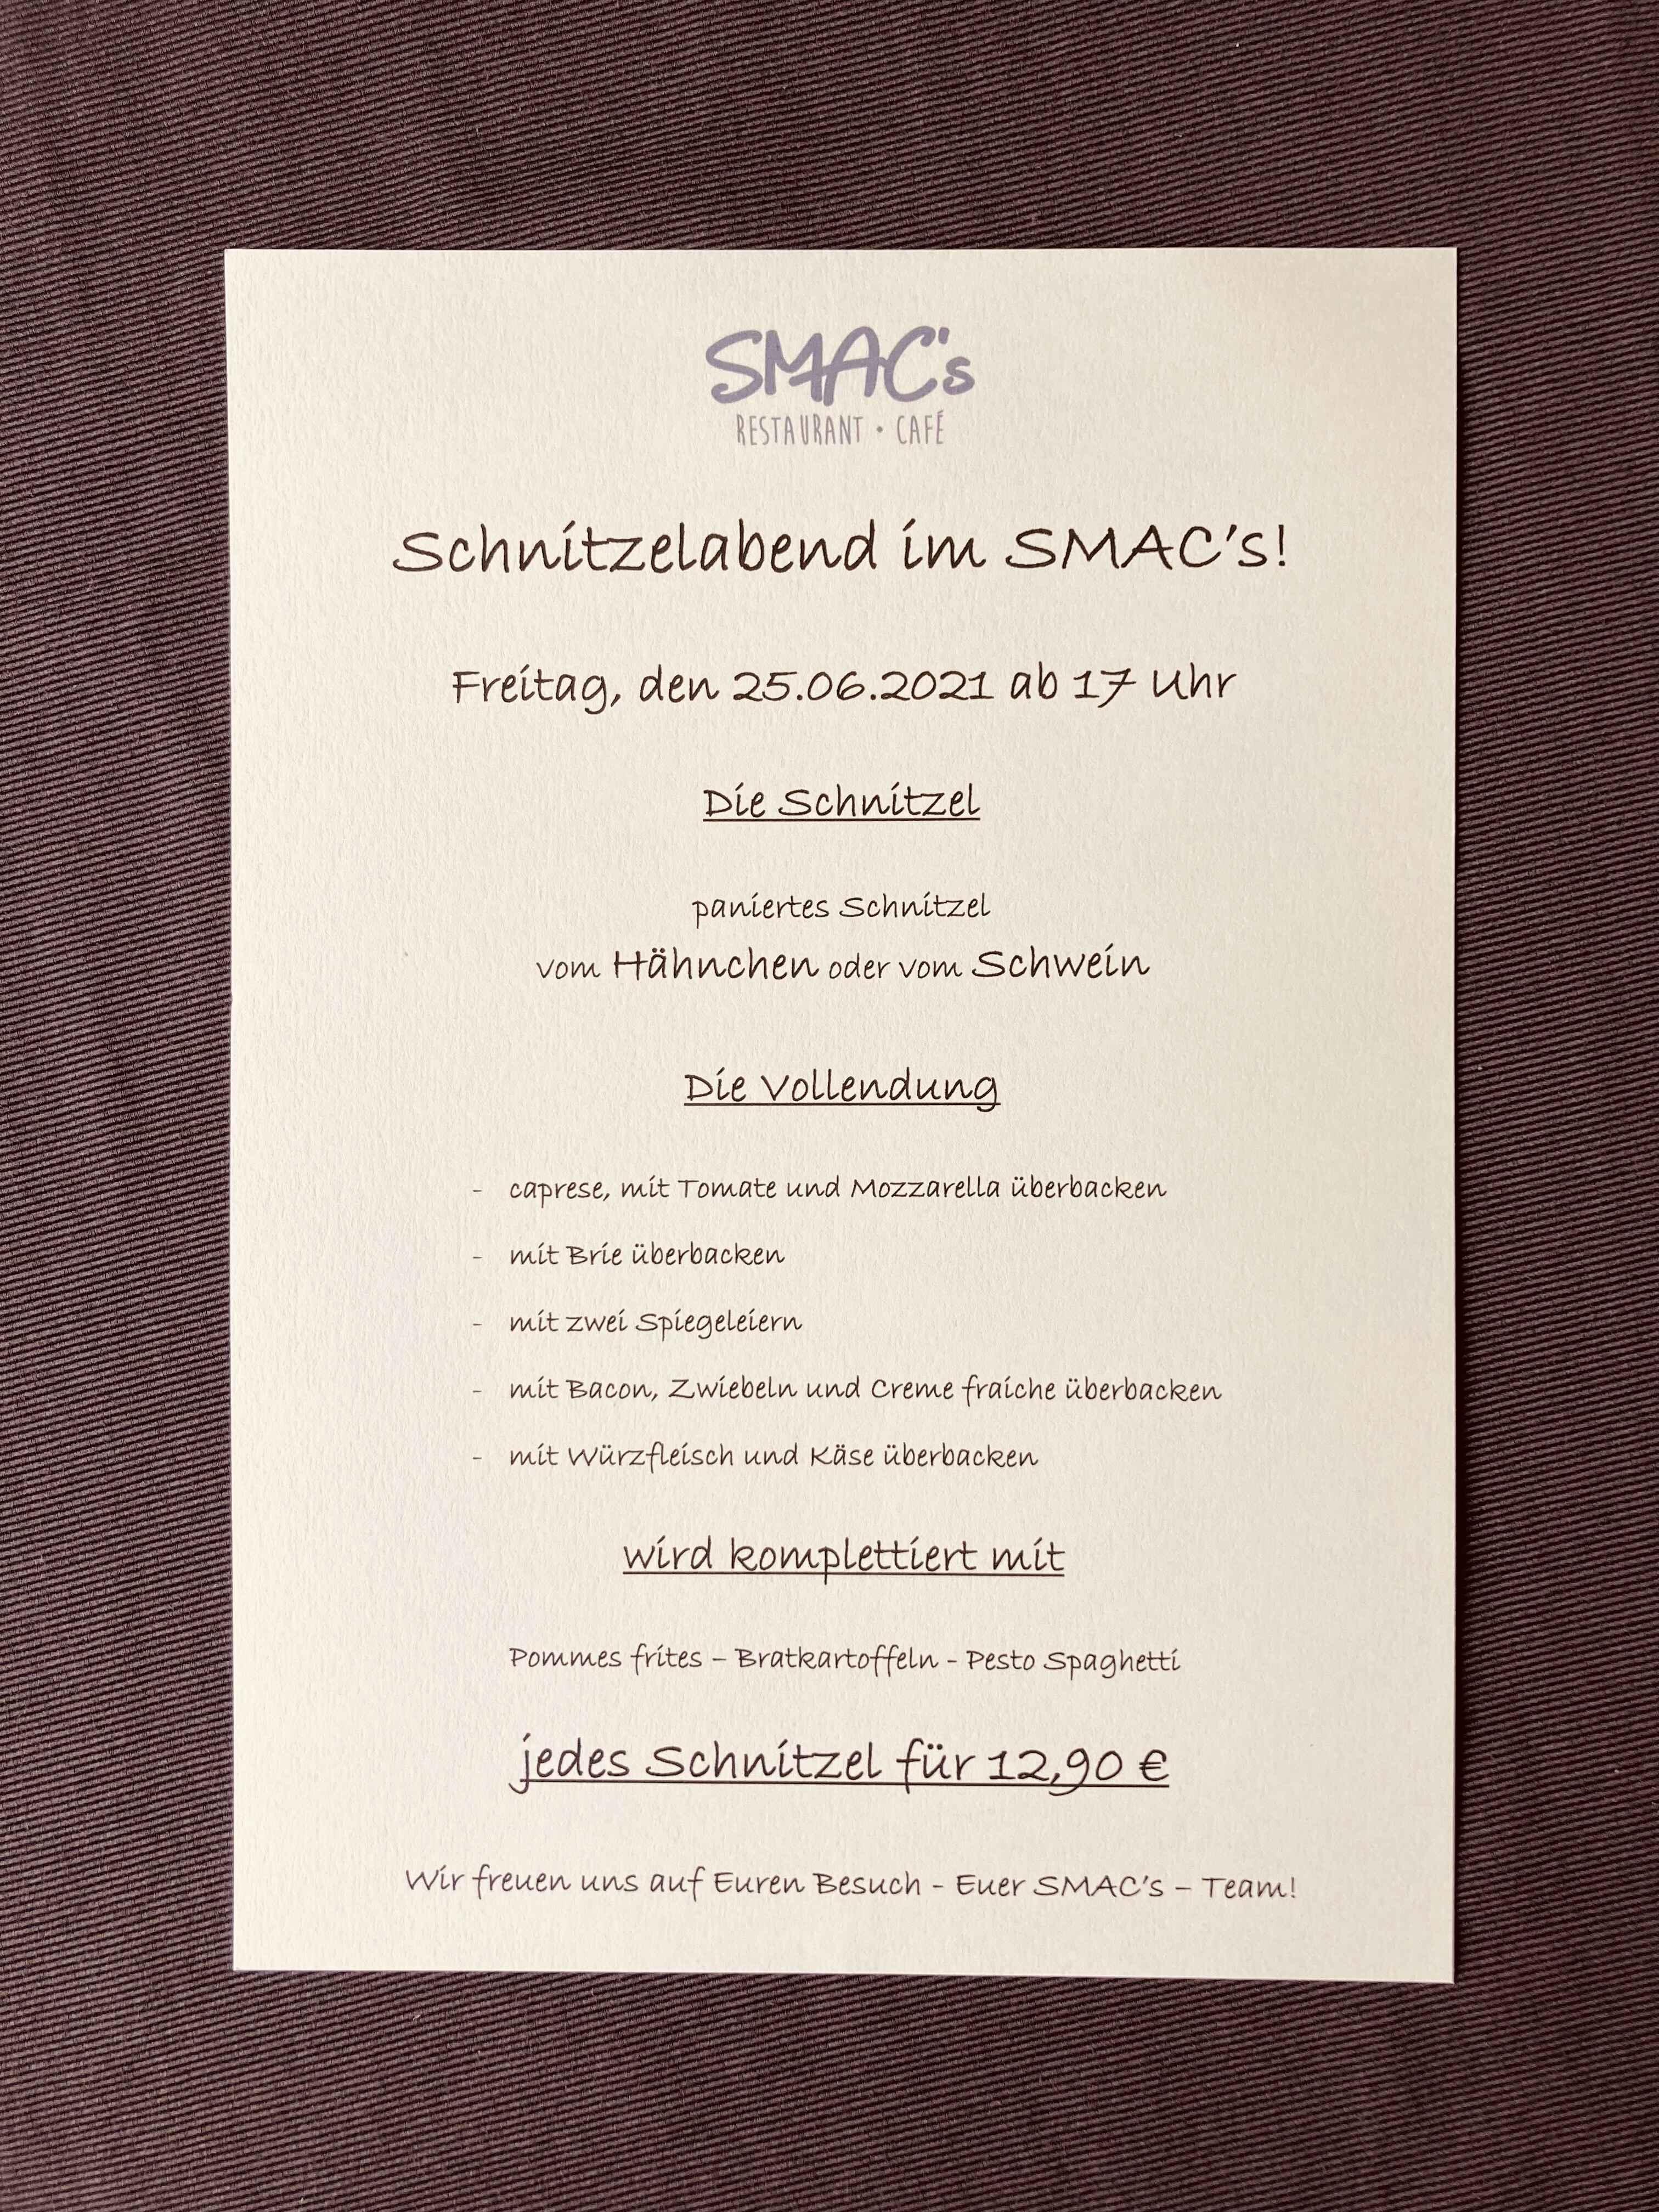 Bild zur Nachricht von SMAC's | Restaurant & Café